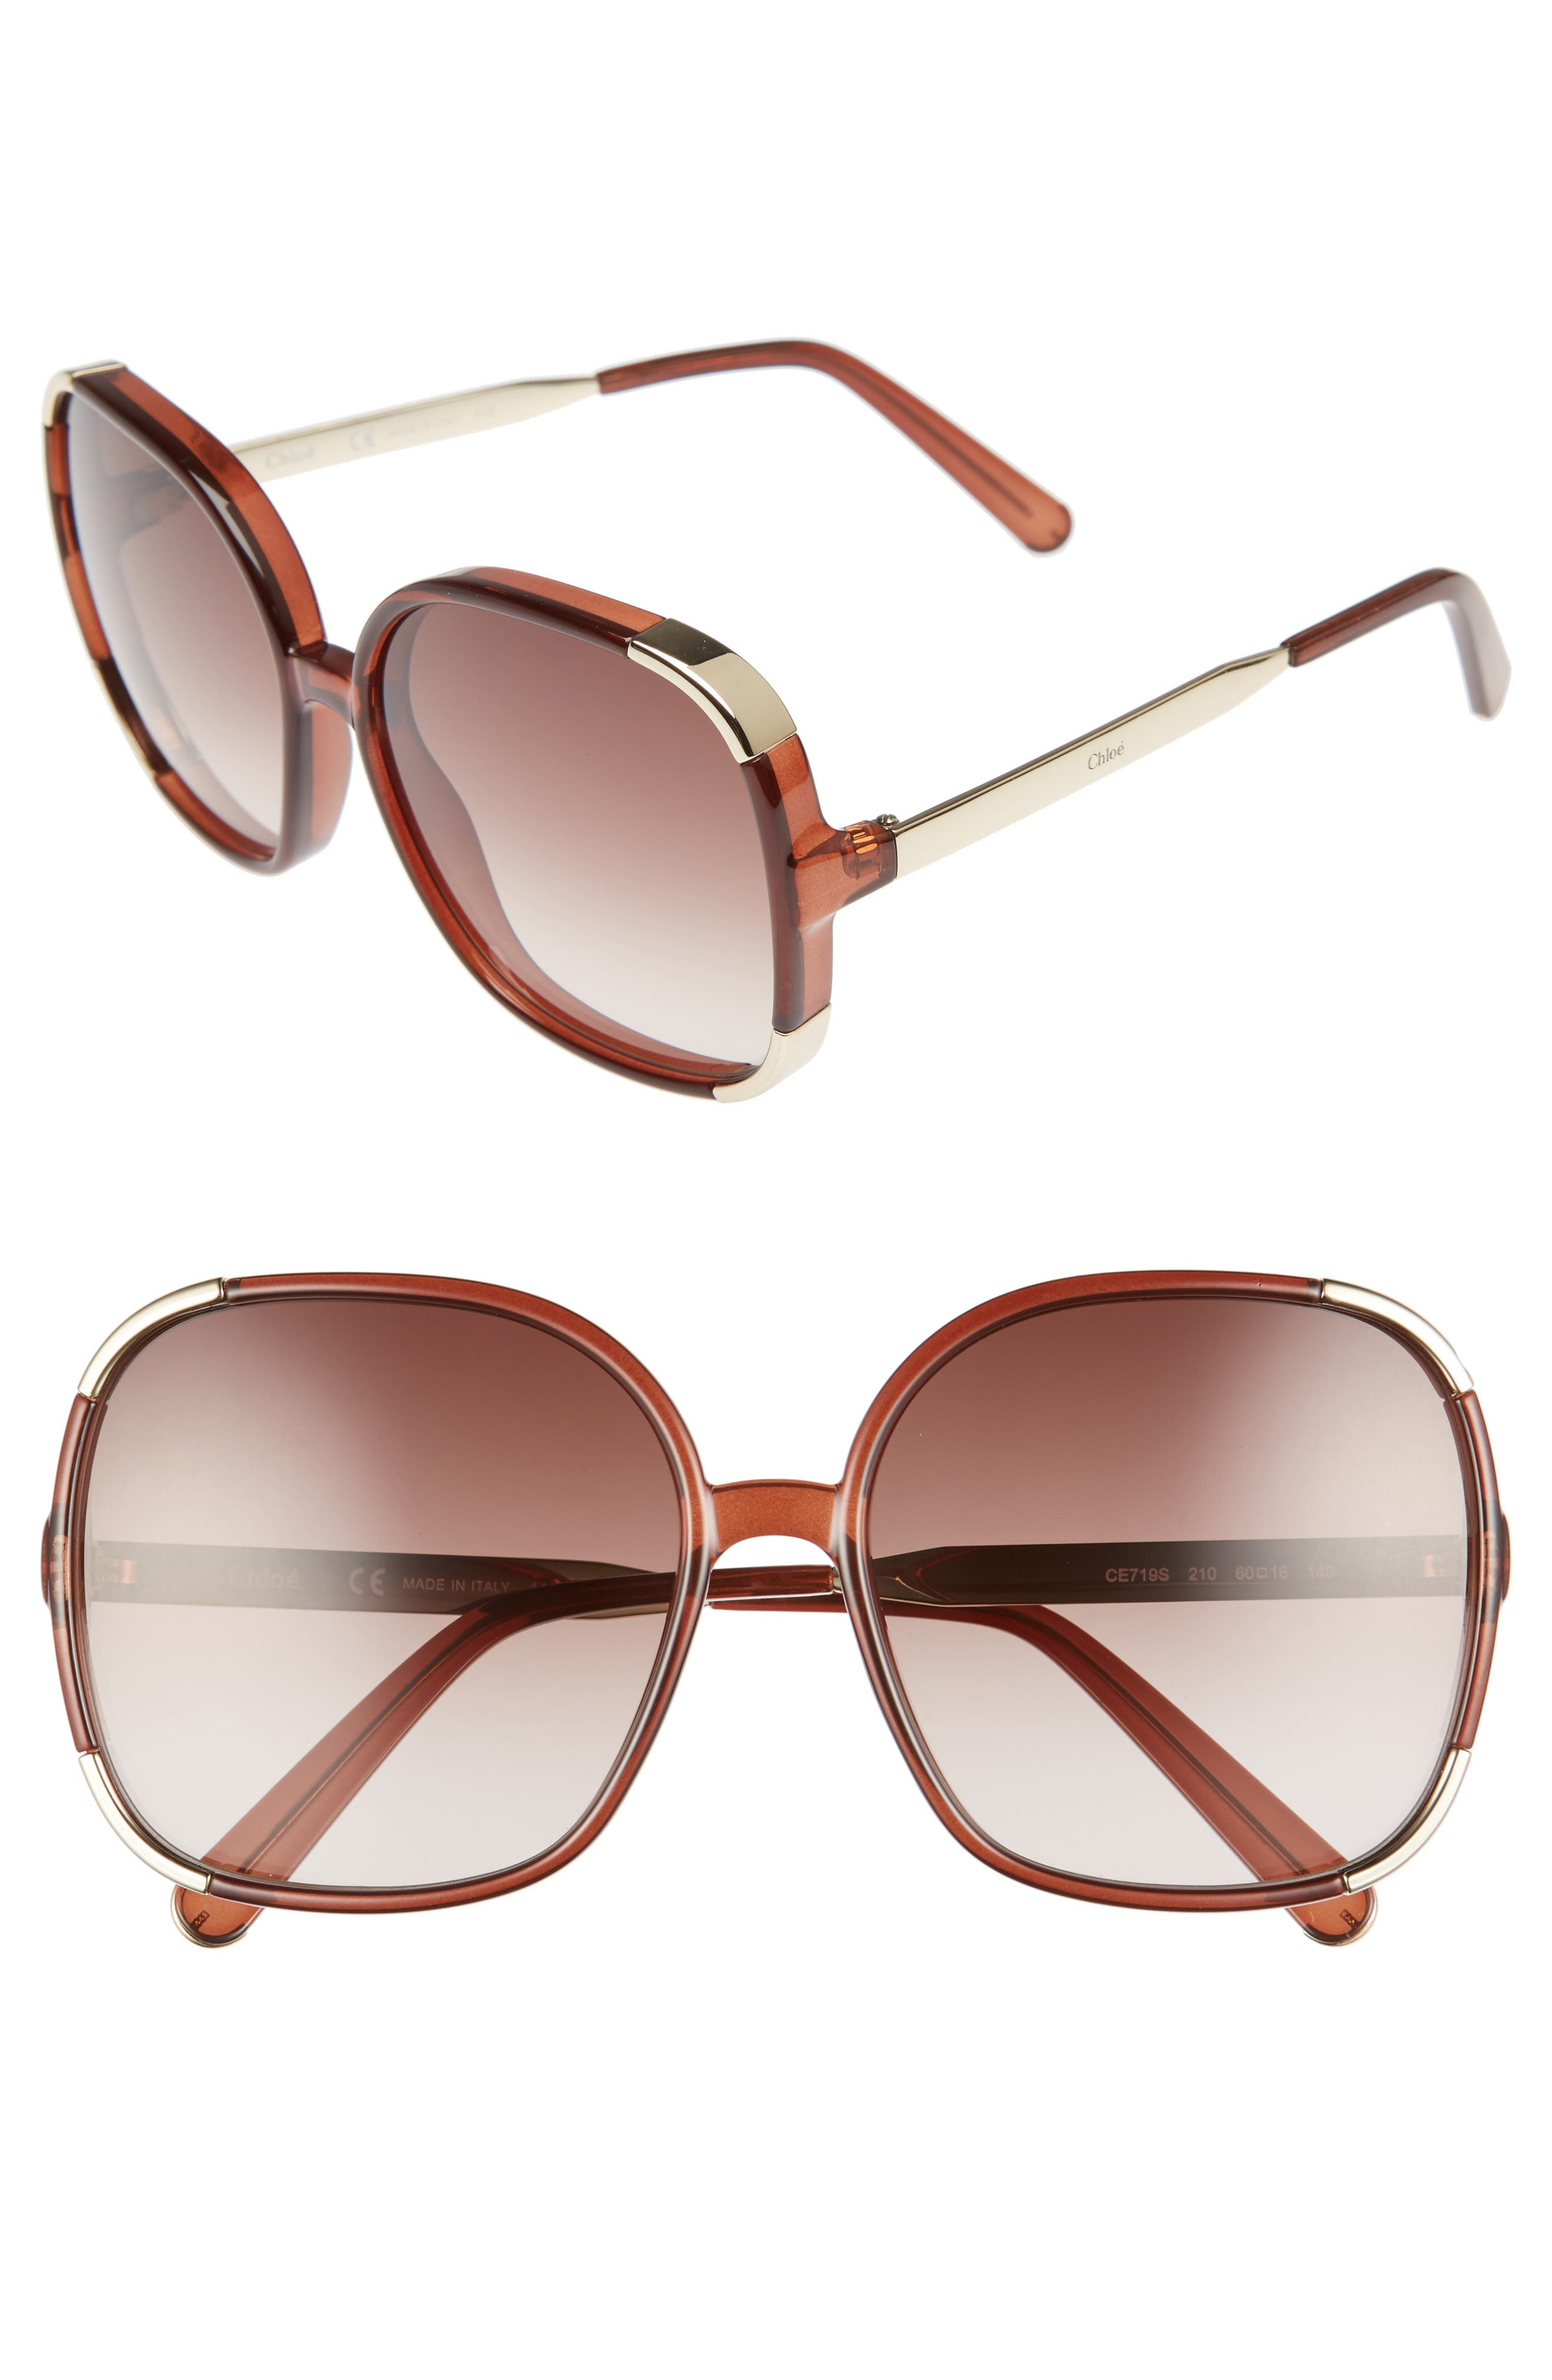 Myrte 61mm Gradient Lens Square Sunglasses,                         Main,                         color, BROWN